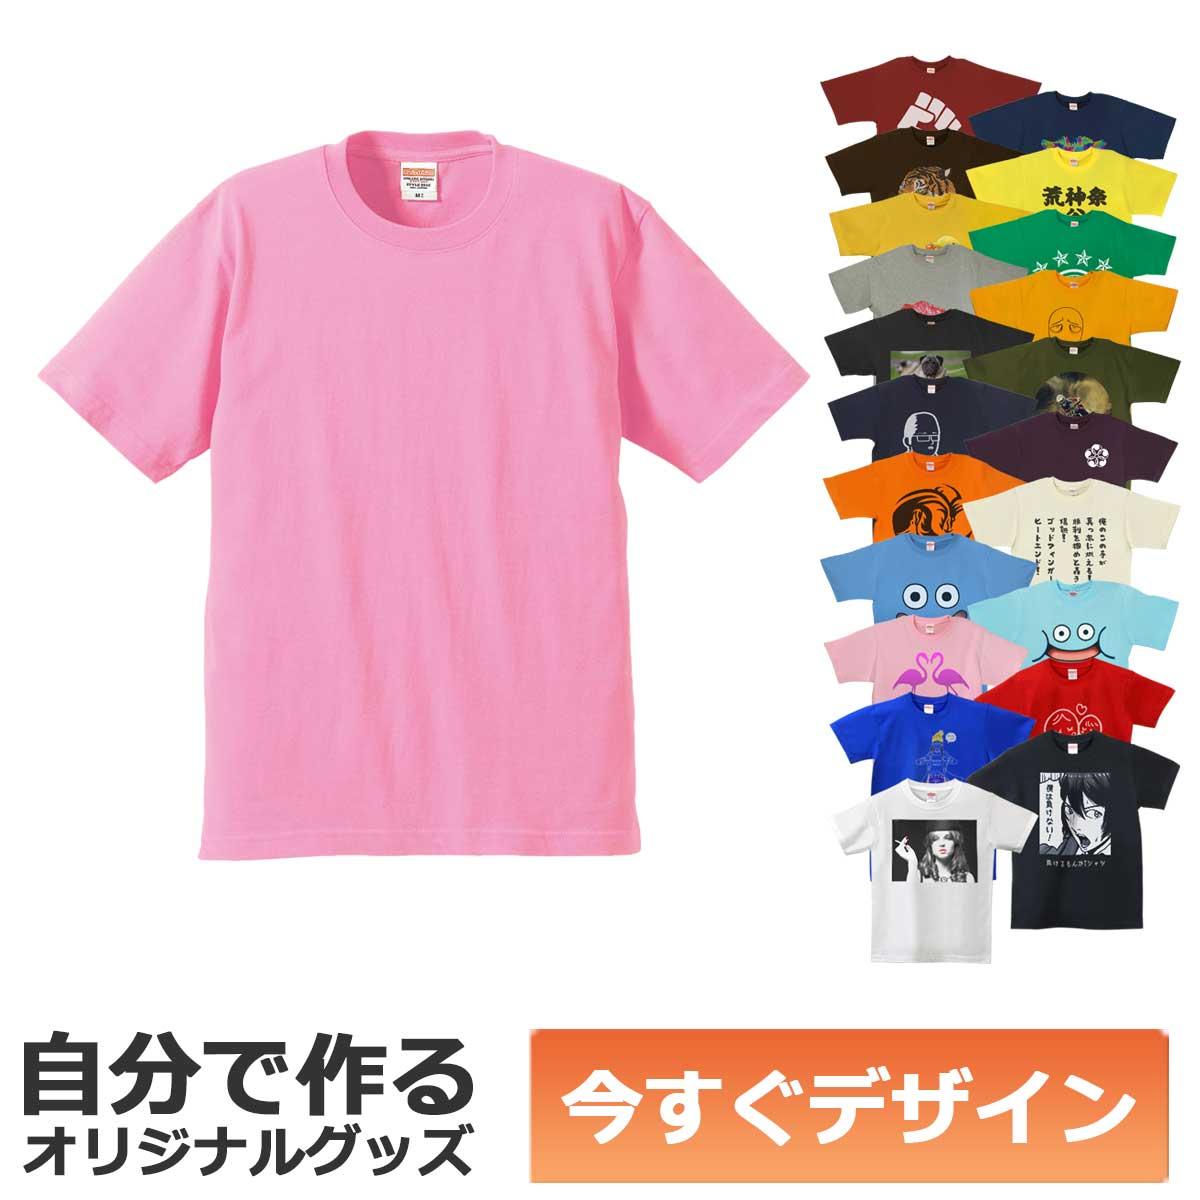 【即納可能】1枚から作れる 自分でデザイン オリジナル Tシャツ ピンク 6.2oz プレミアム メール便可